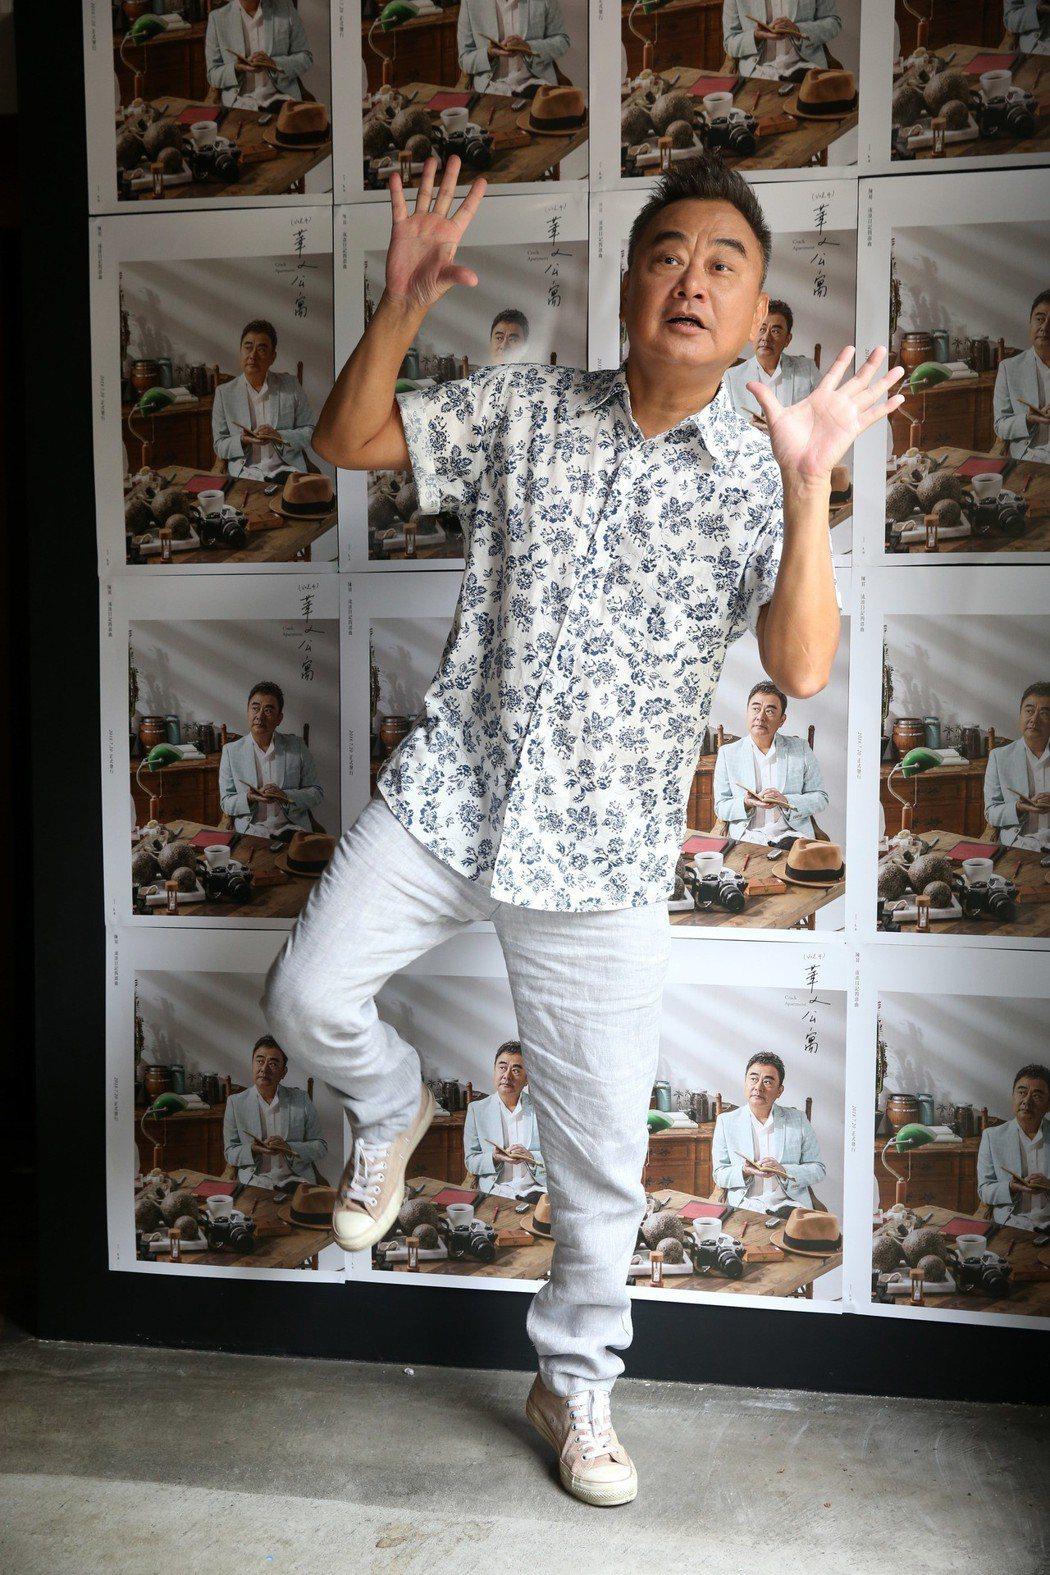 陳昇發行入行30週年最新專輯「華人公寓」,年紀不小的他仍保持對生命的活力。記者邱...